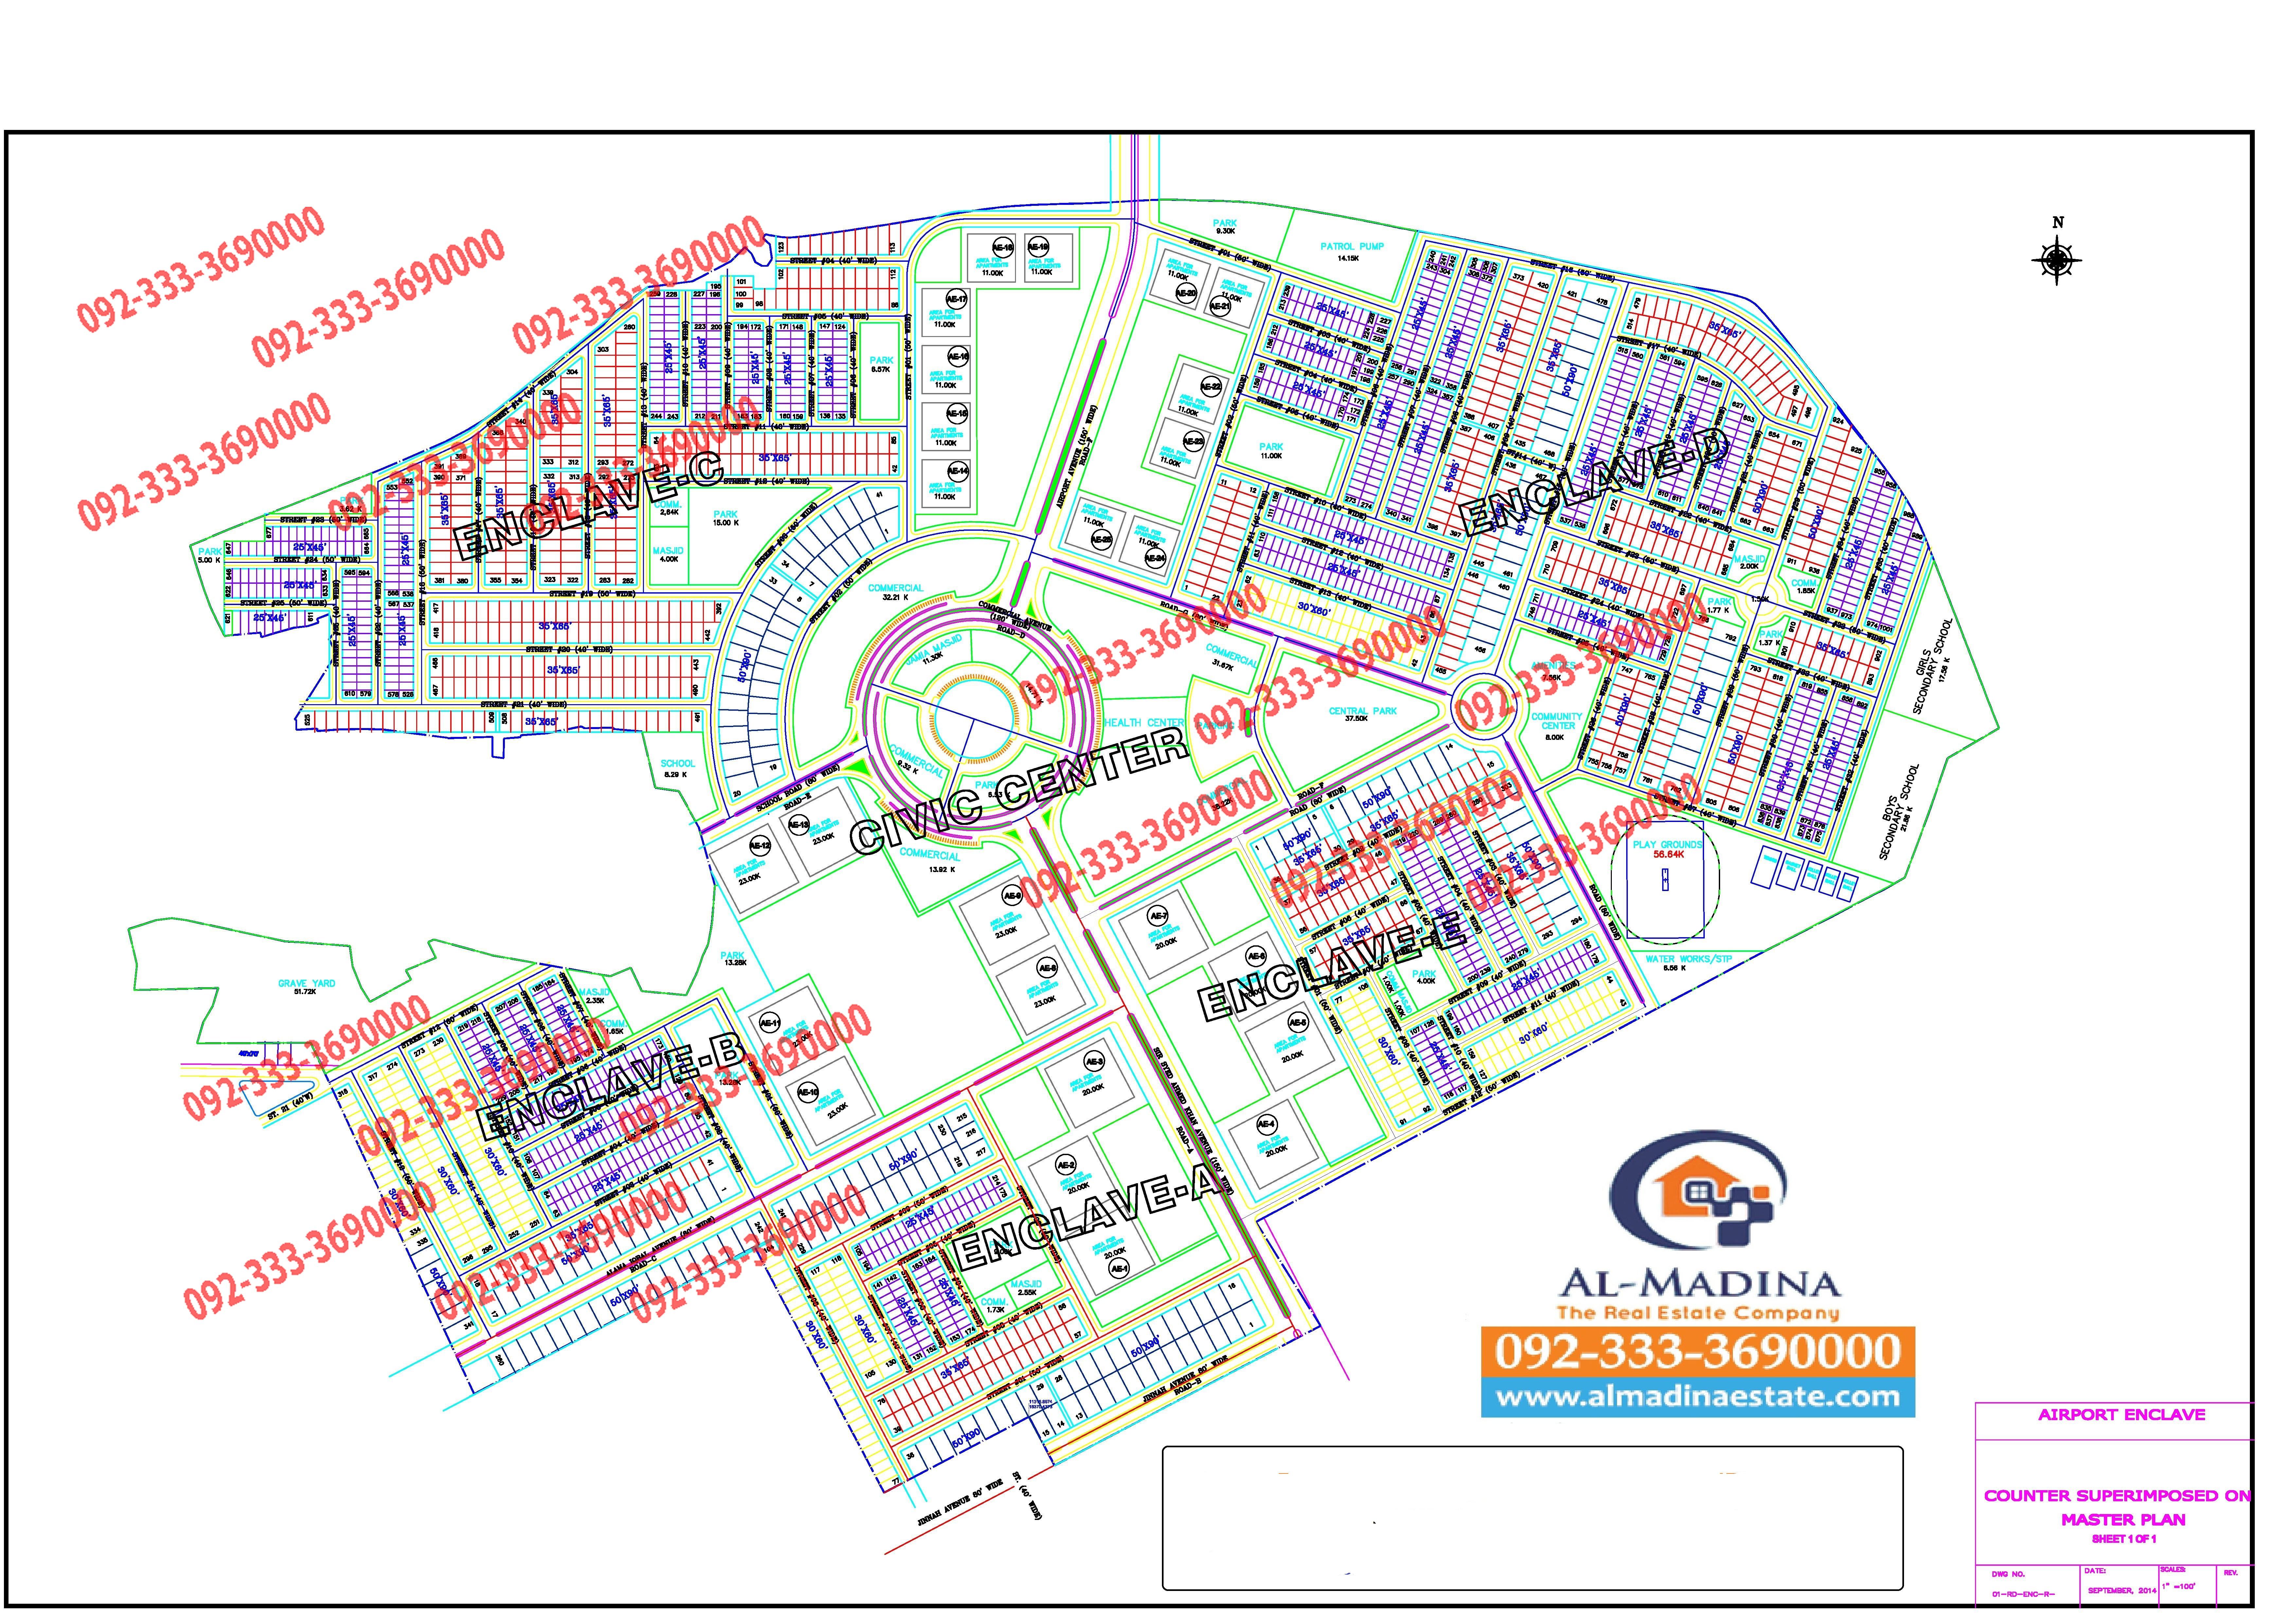 Islamabad maps - Gulberg Islamabad, Bahria Town, Dha, Cda ...